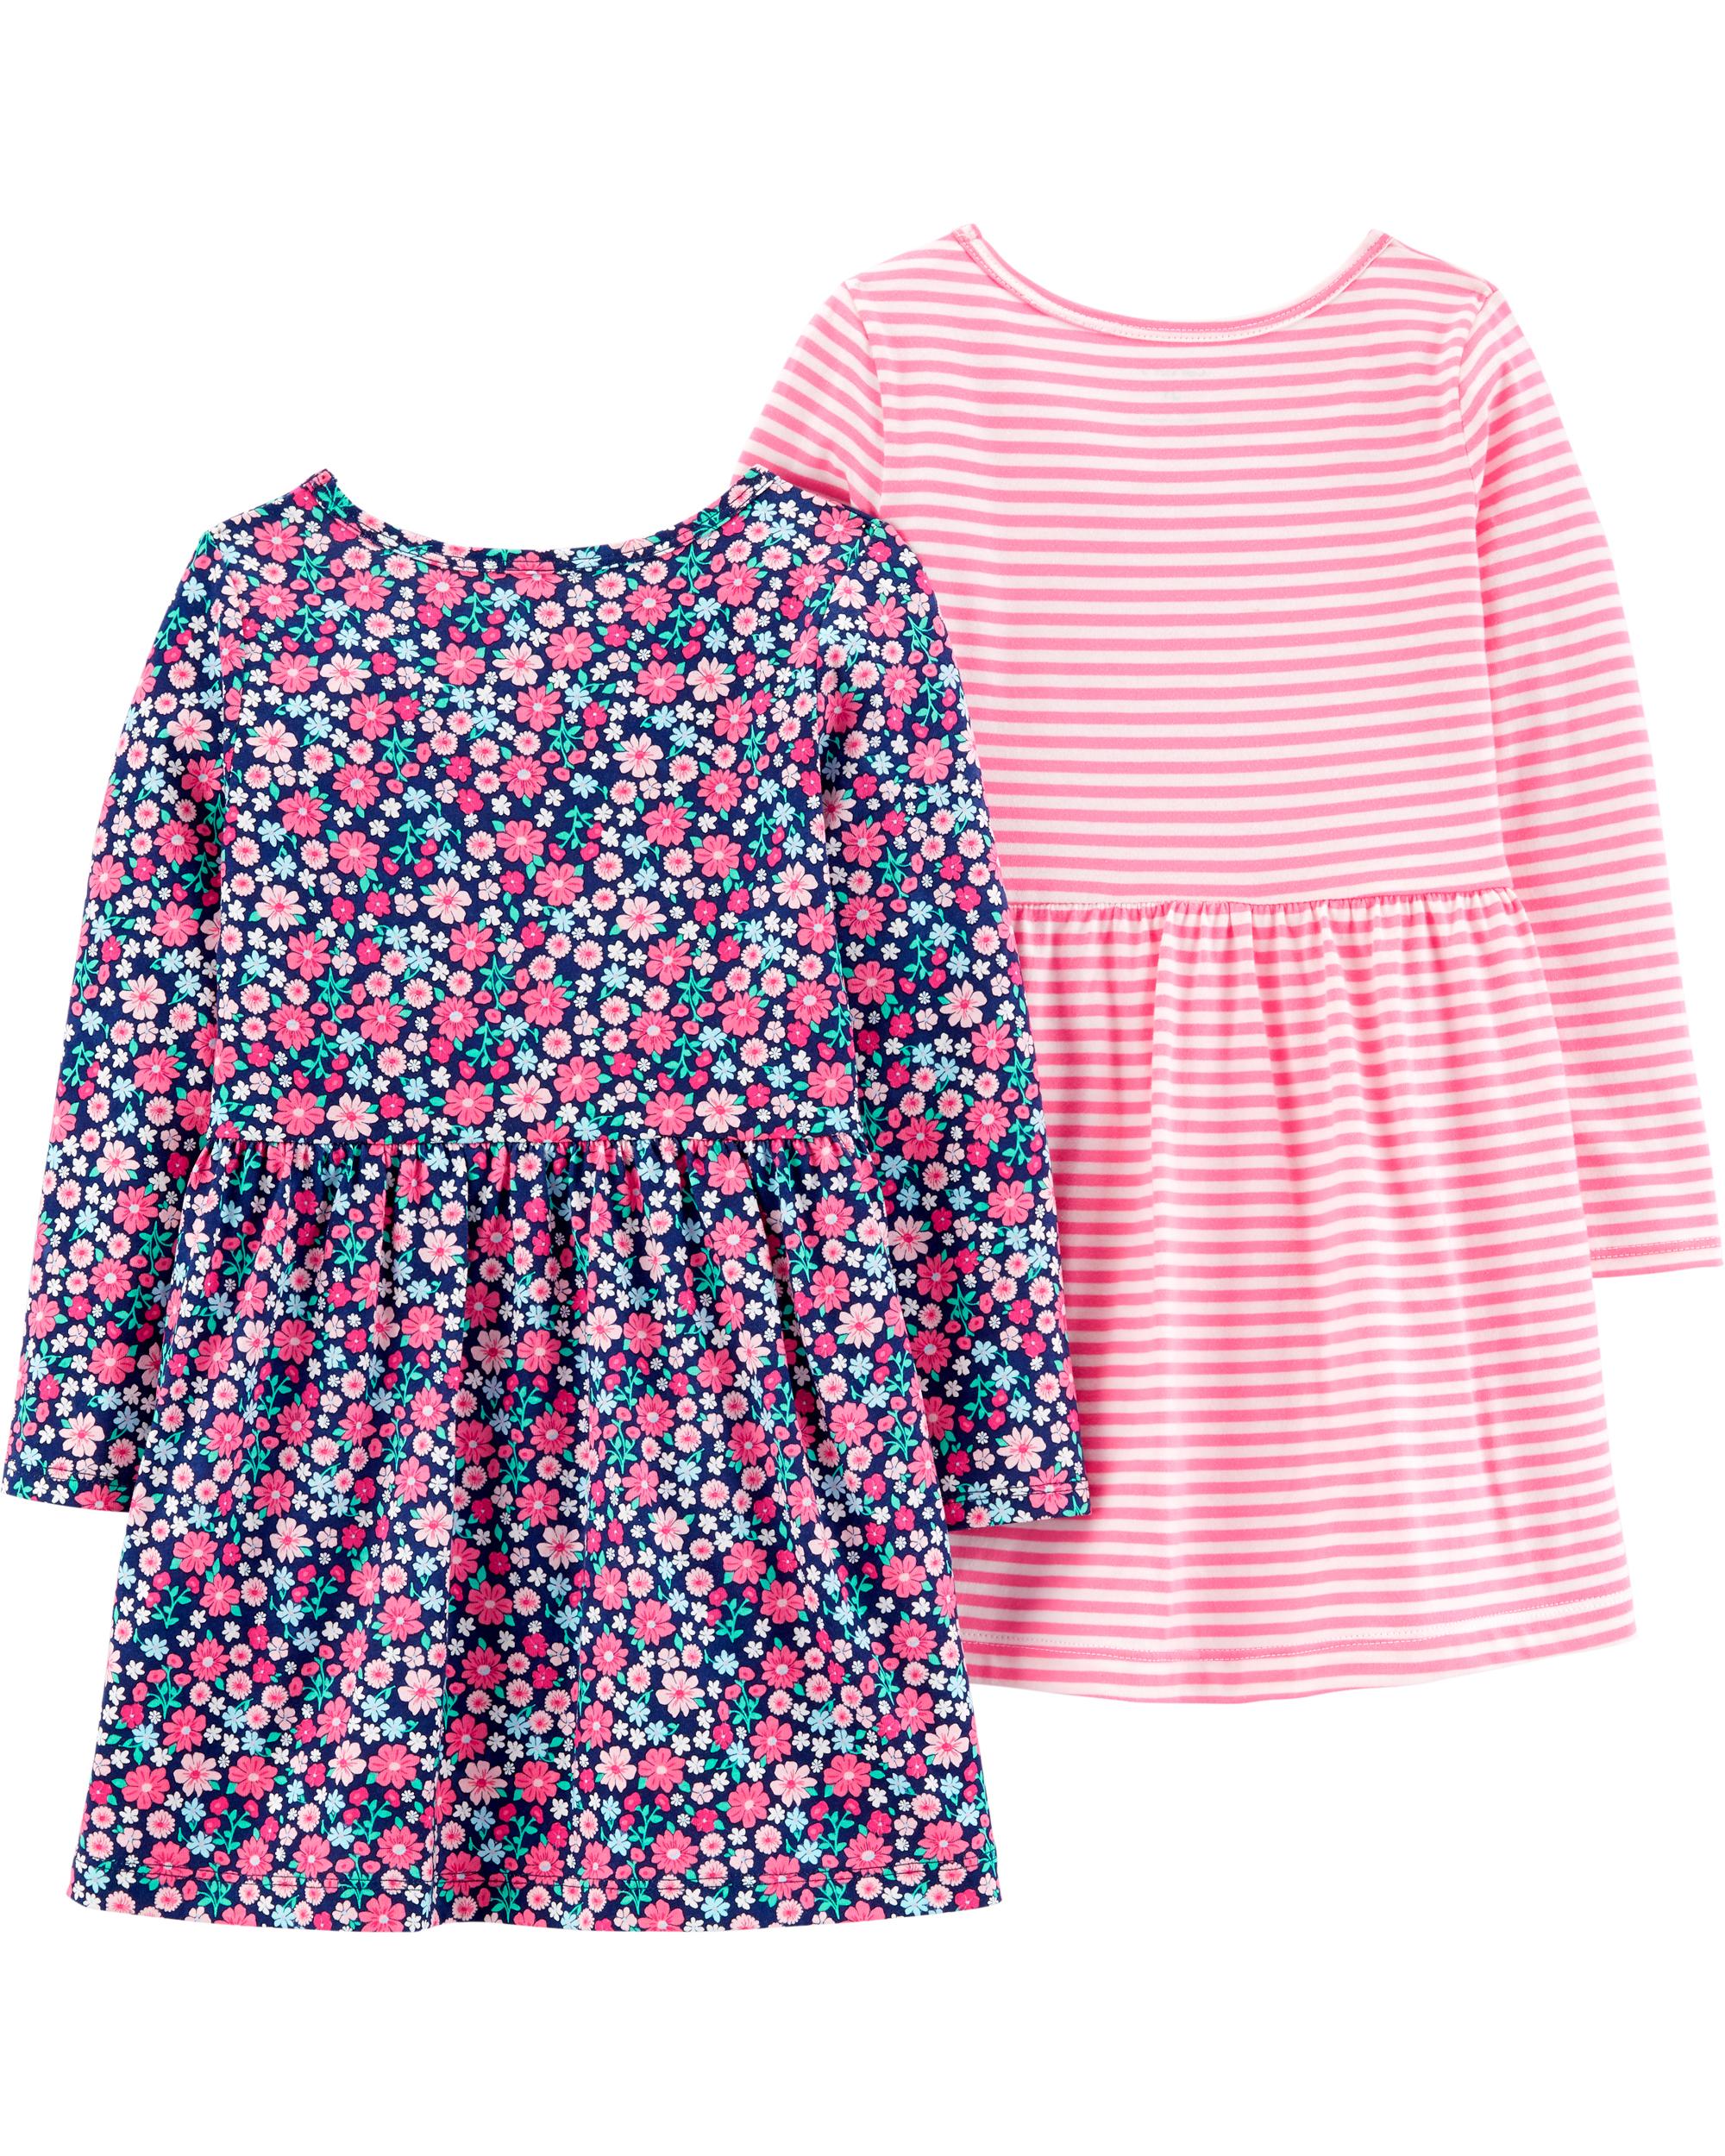 זוג שמלות פרחוני/פסים